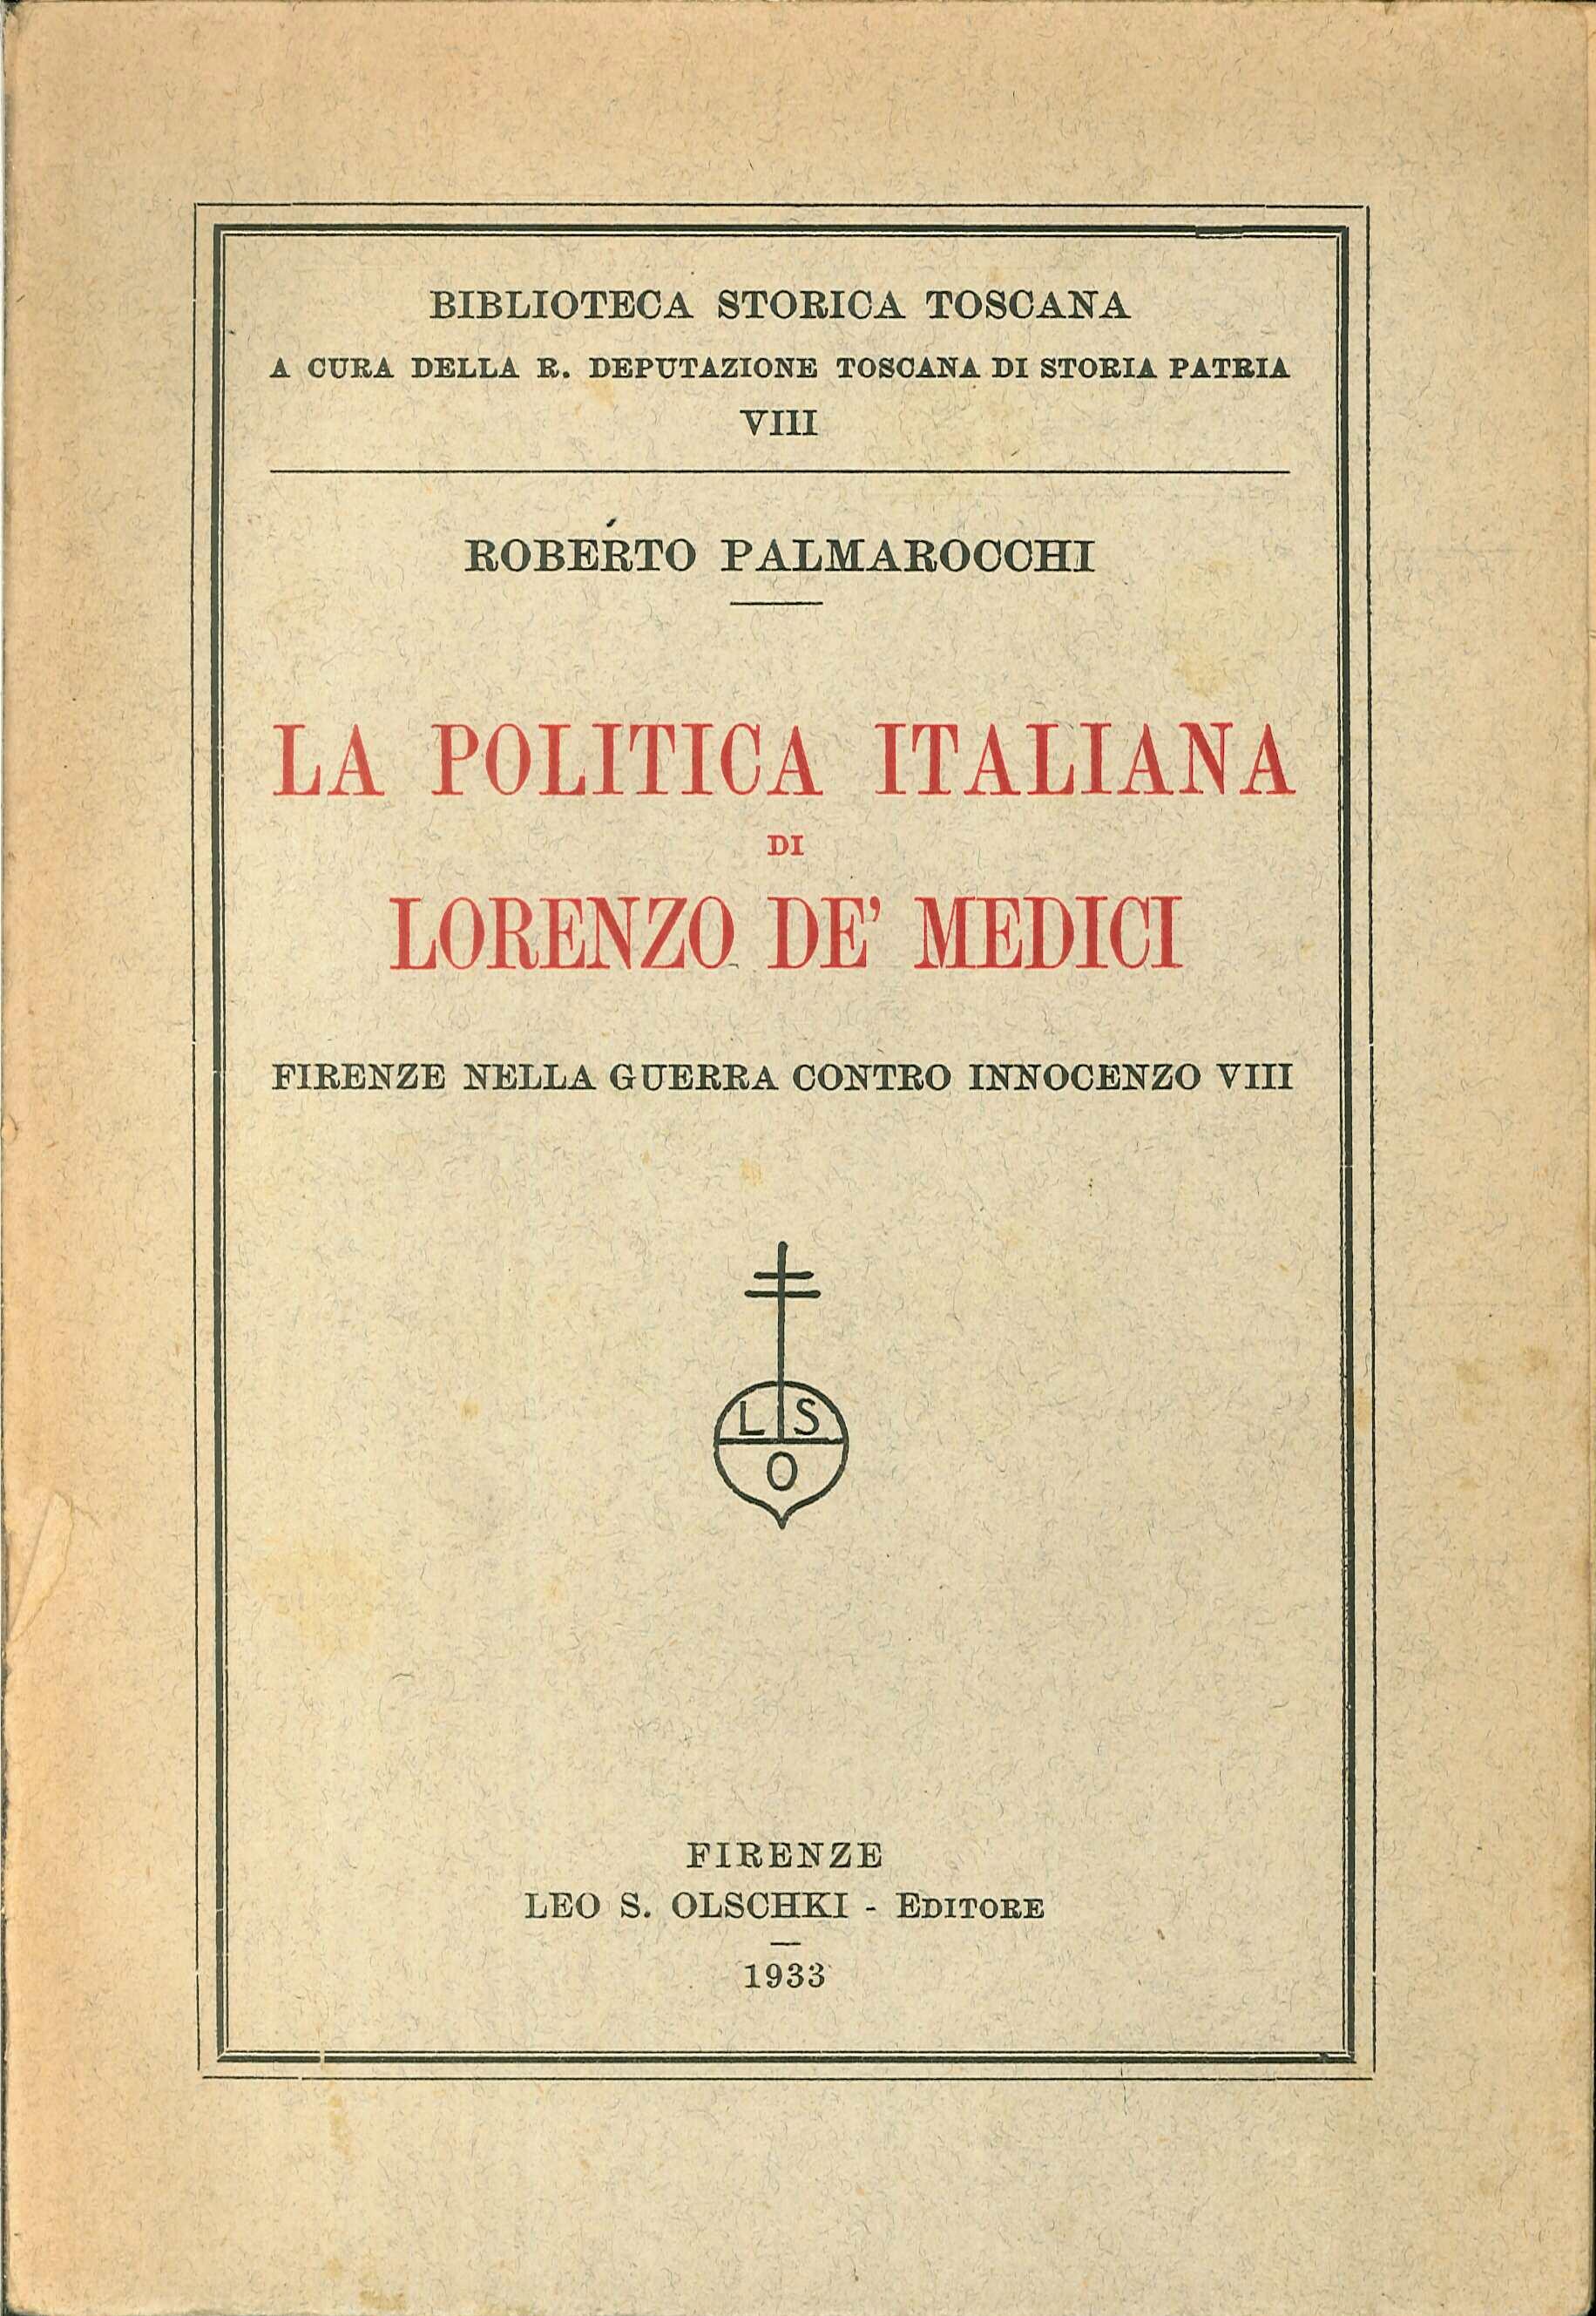 La politica italiana di Lorenzo de' Medici. Firenze nella guerra contro Innocenzo VIII